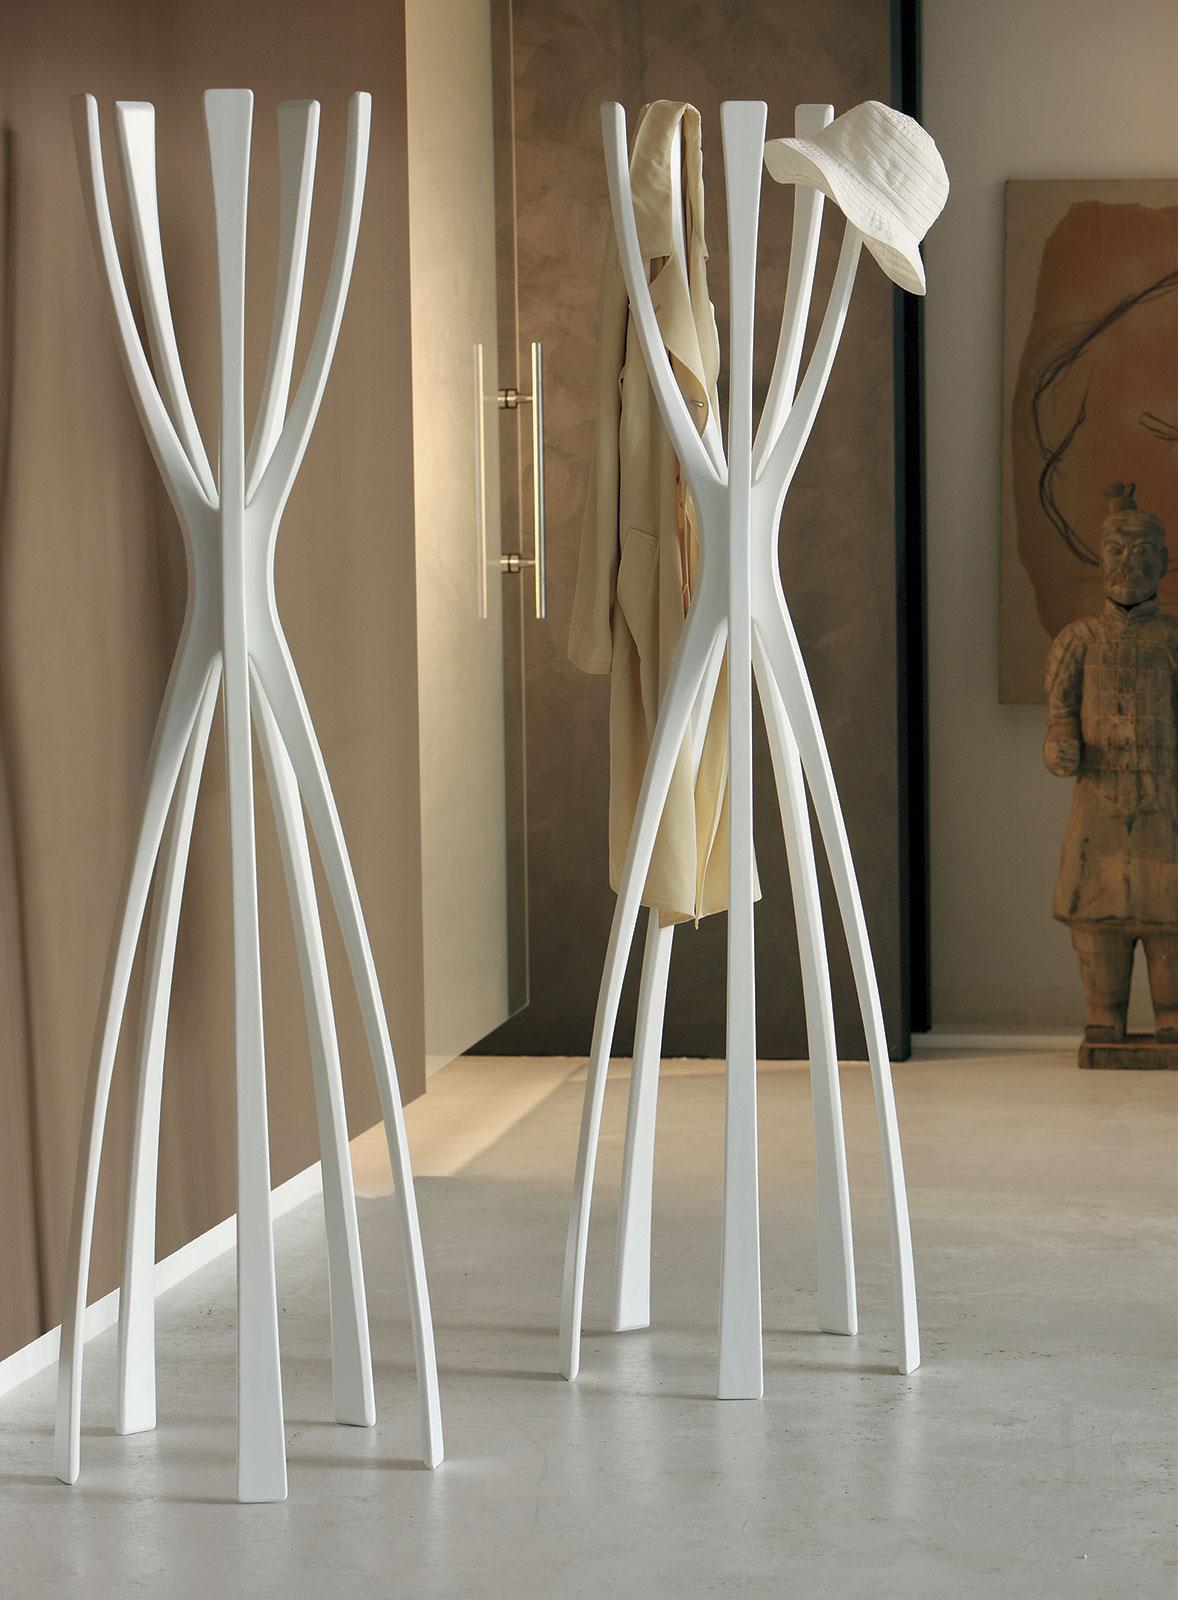 Flam appendiabiti in massello di noce canaletto - Italy Dream Design